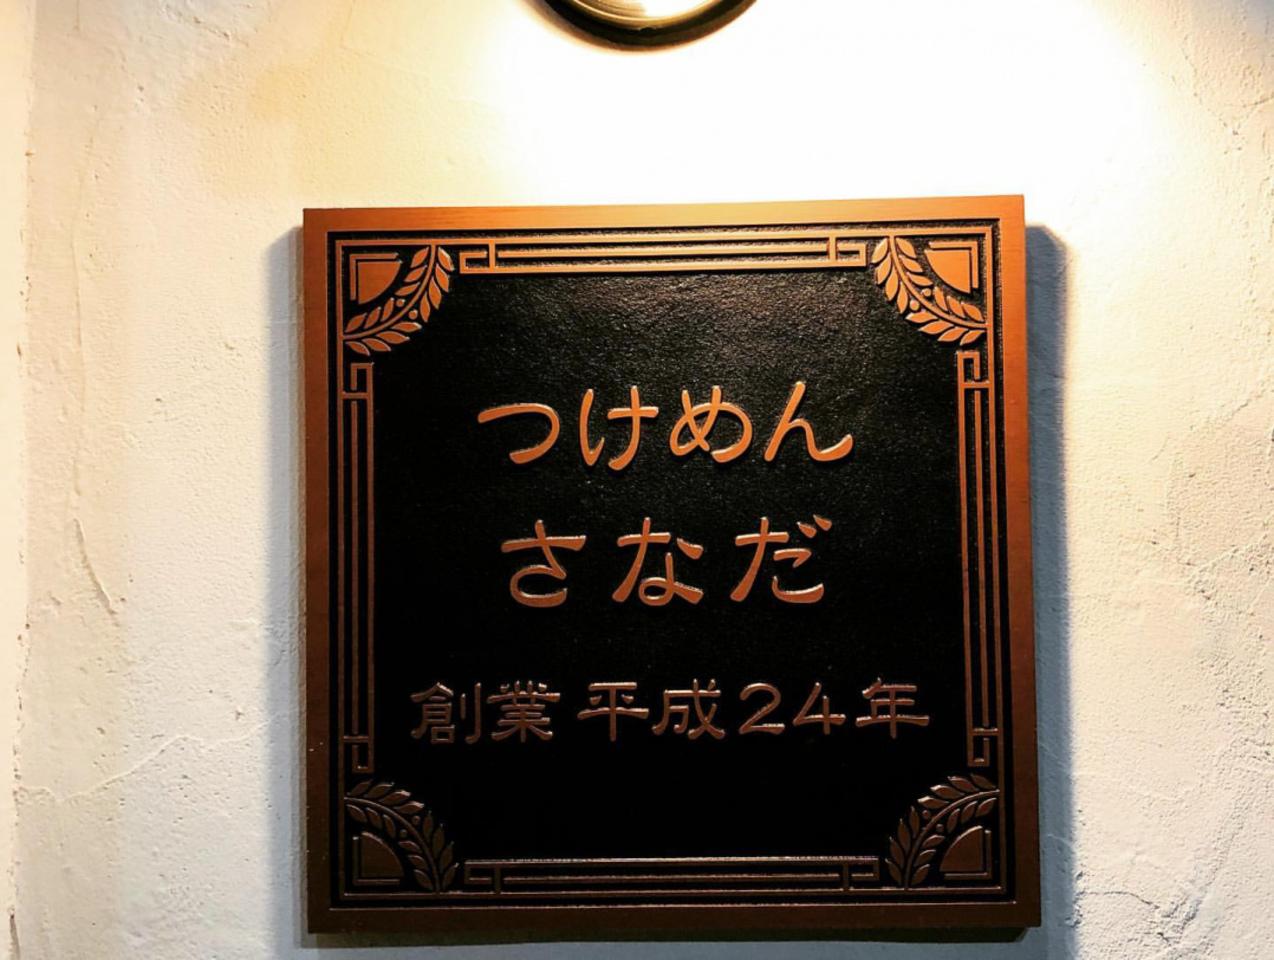 東京都足立区千住に「つけめんさなだ千住本店」が本日よりオープンされたようです。